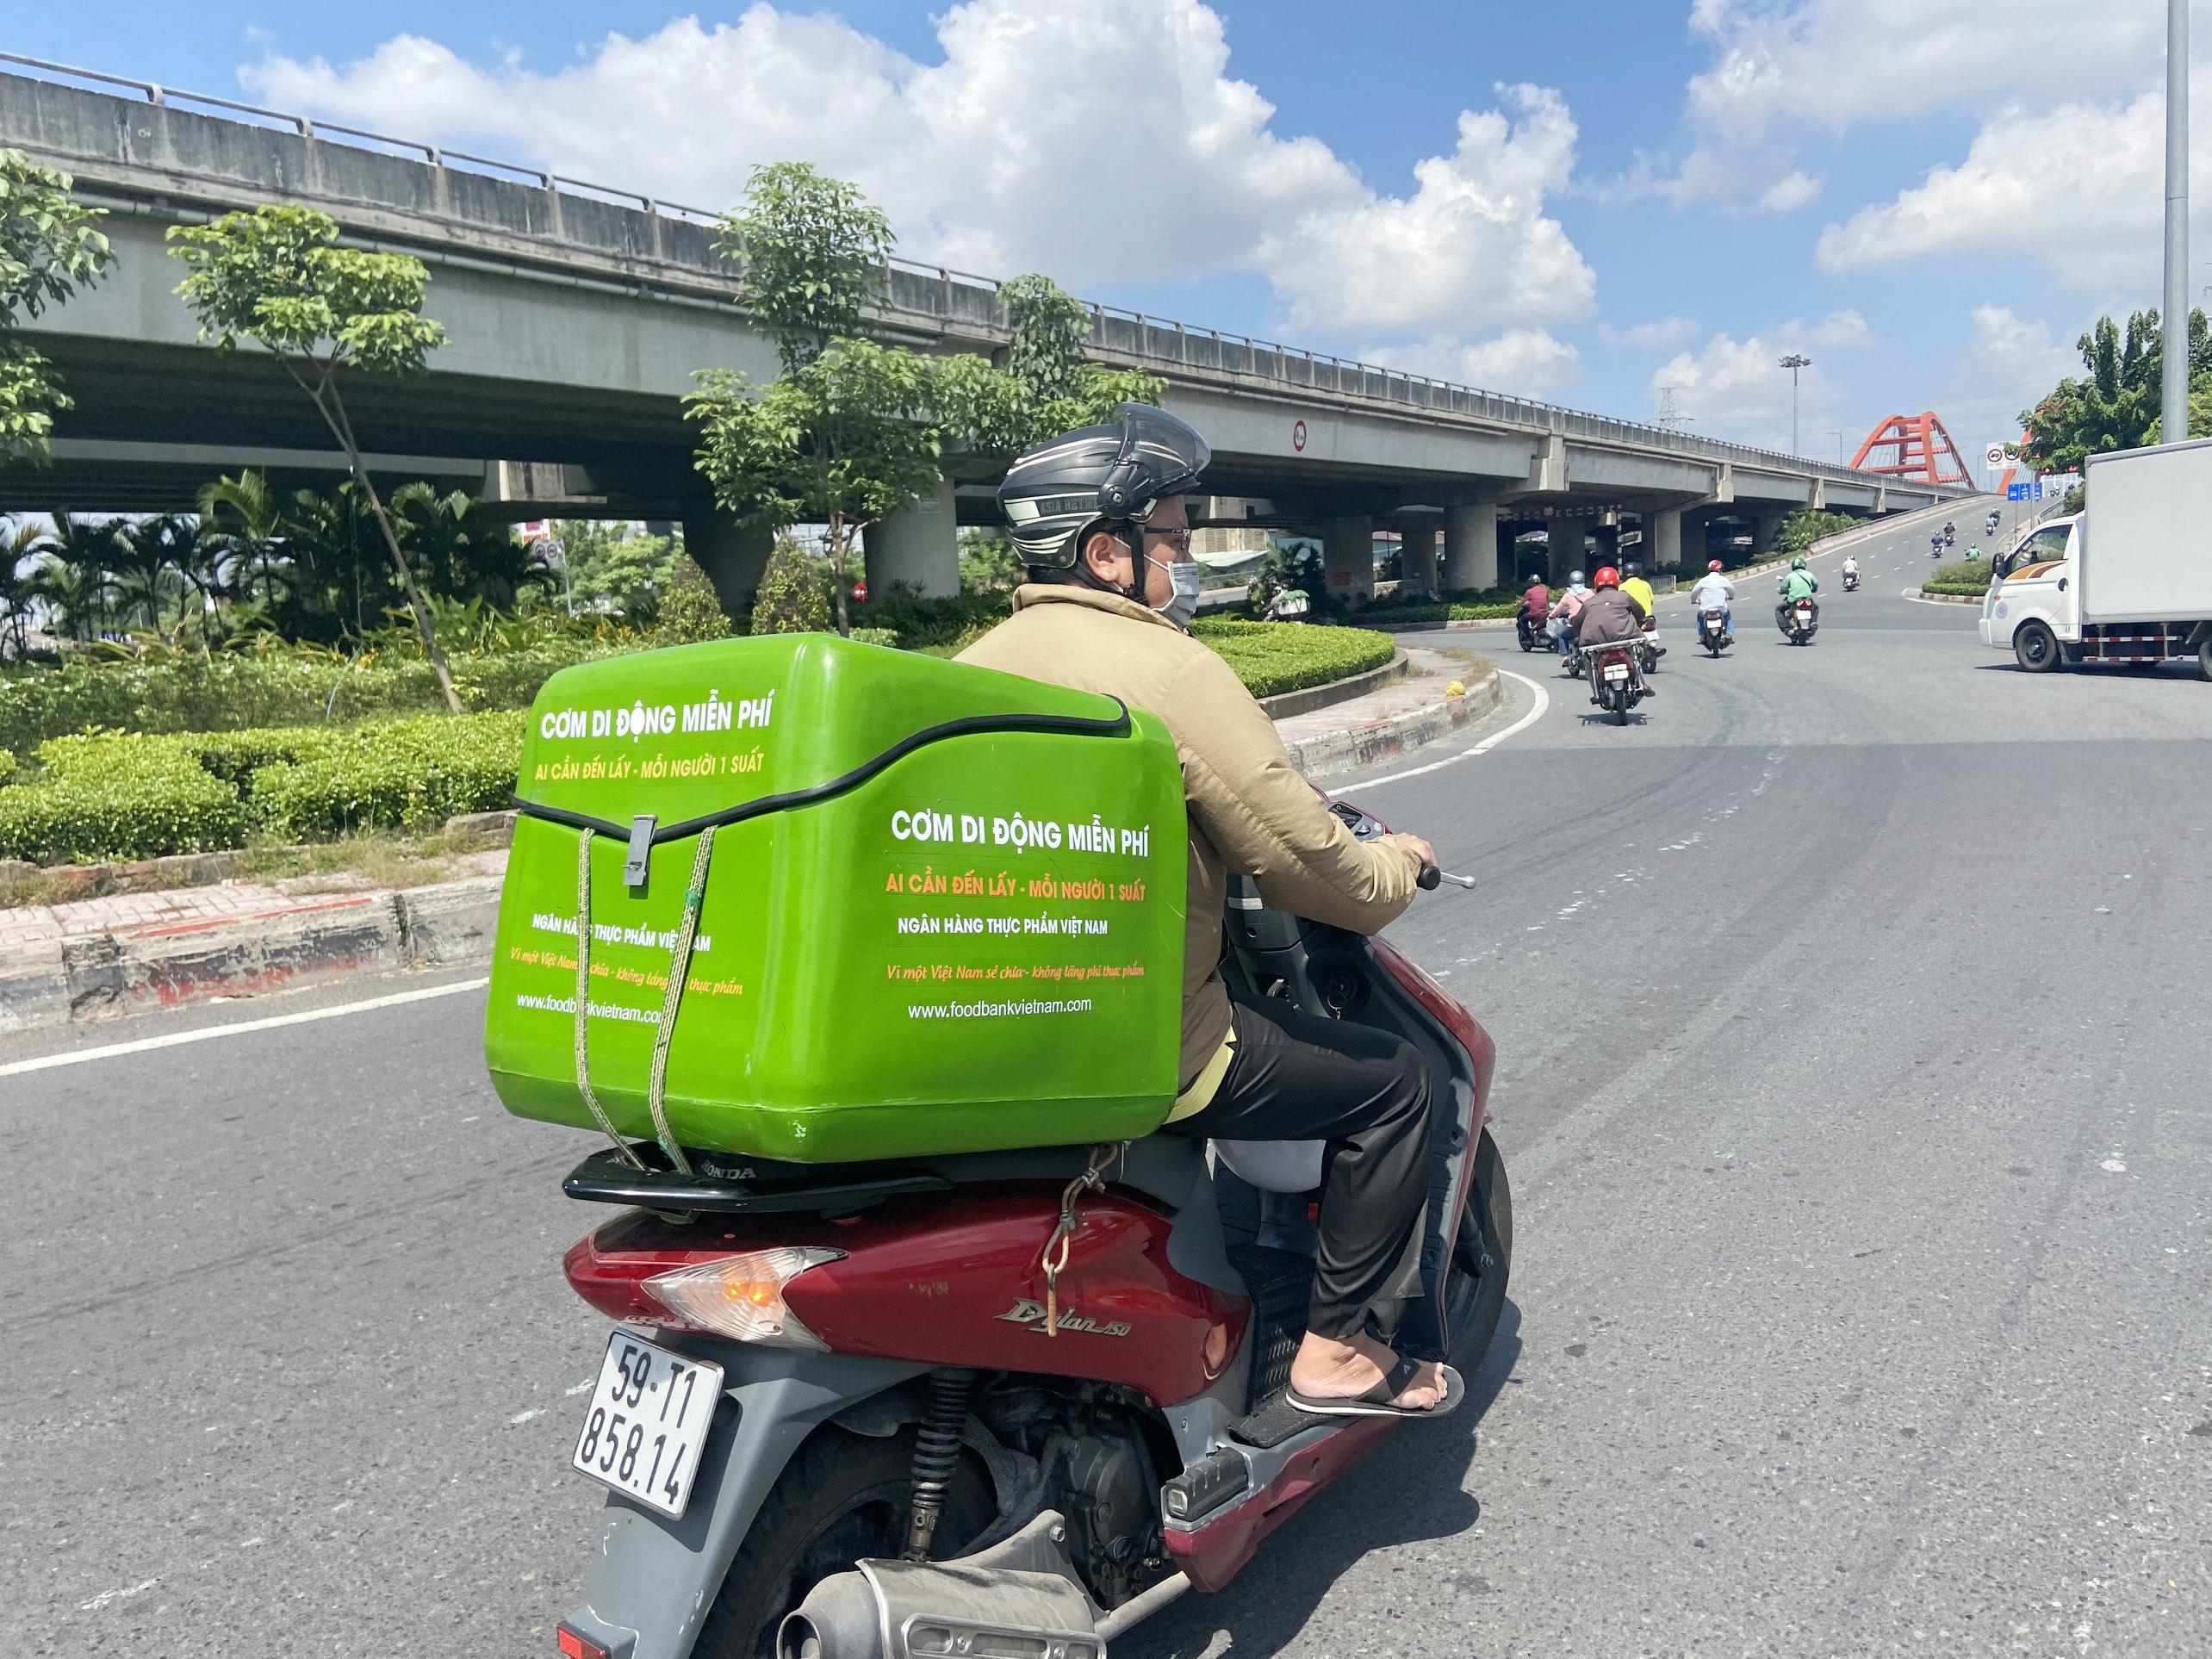 """Những """"anh chàng shipper"""" đi khắp Sài Gòn để phát 1.500 suất ăn miễn phí cho người nghèo - 9"""